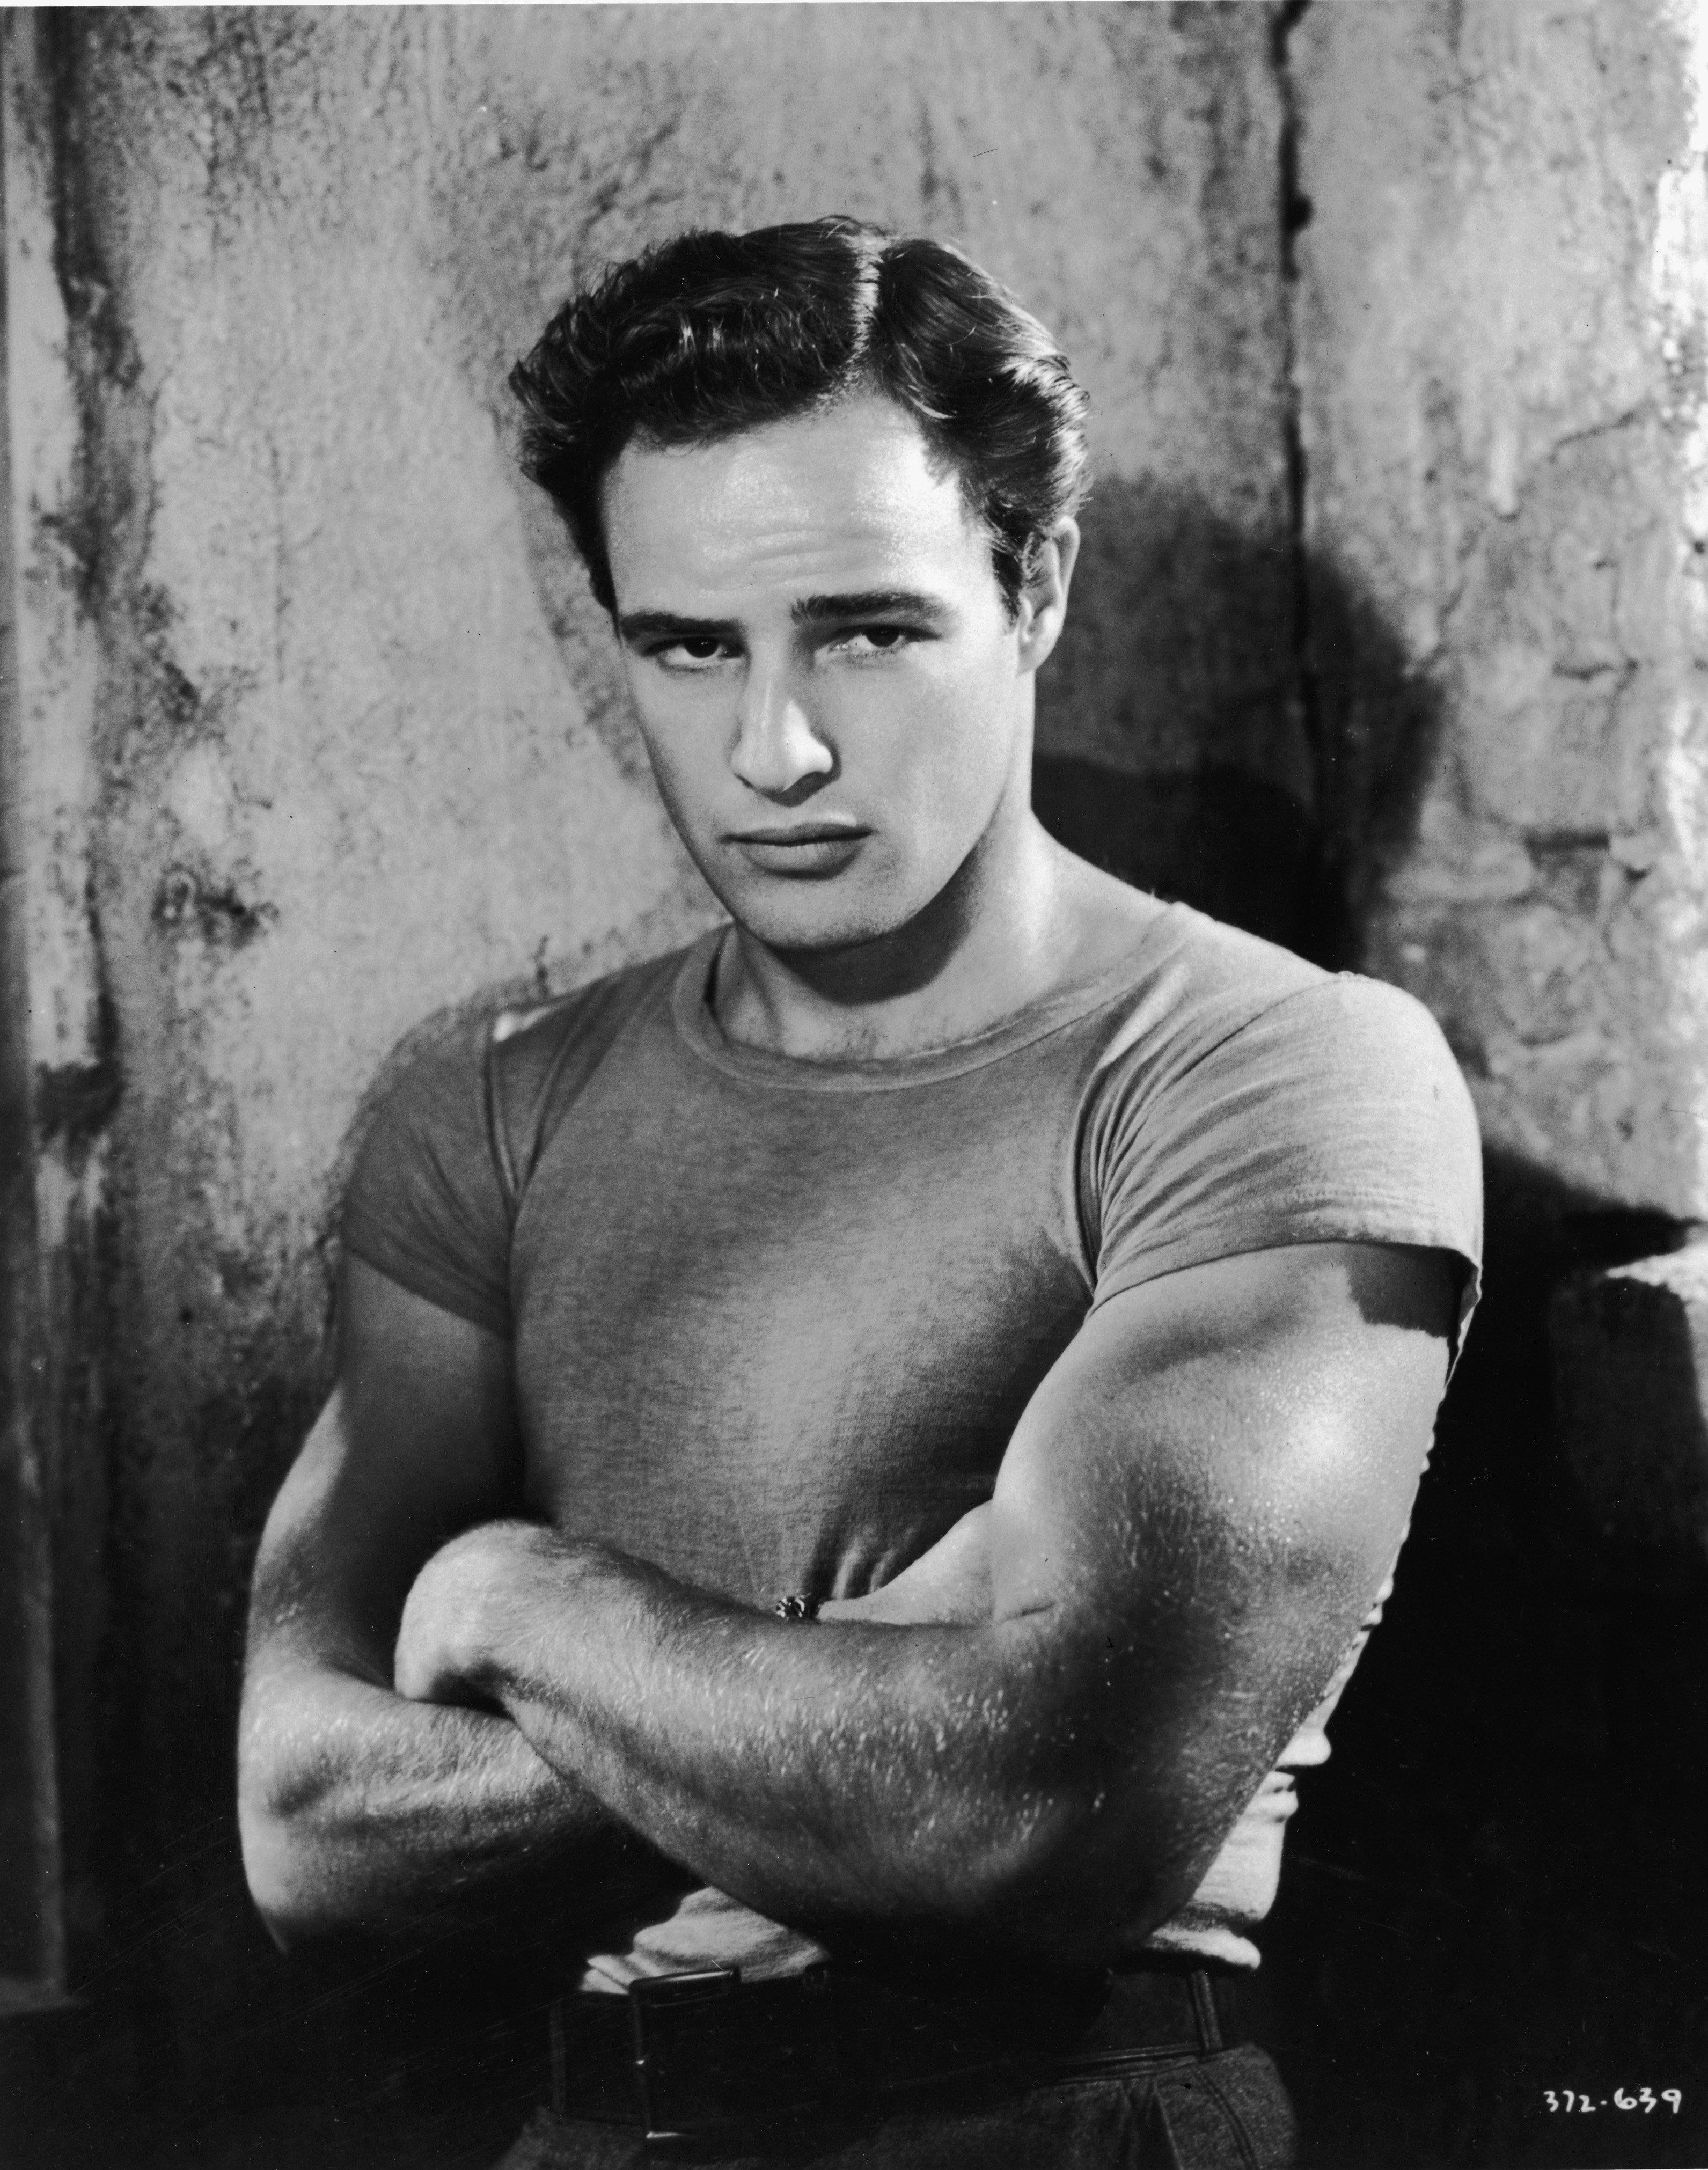 Marlon Brando en sus años de juventud │Imagen tomada de: Flickr